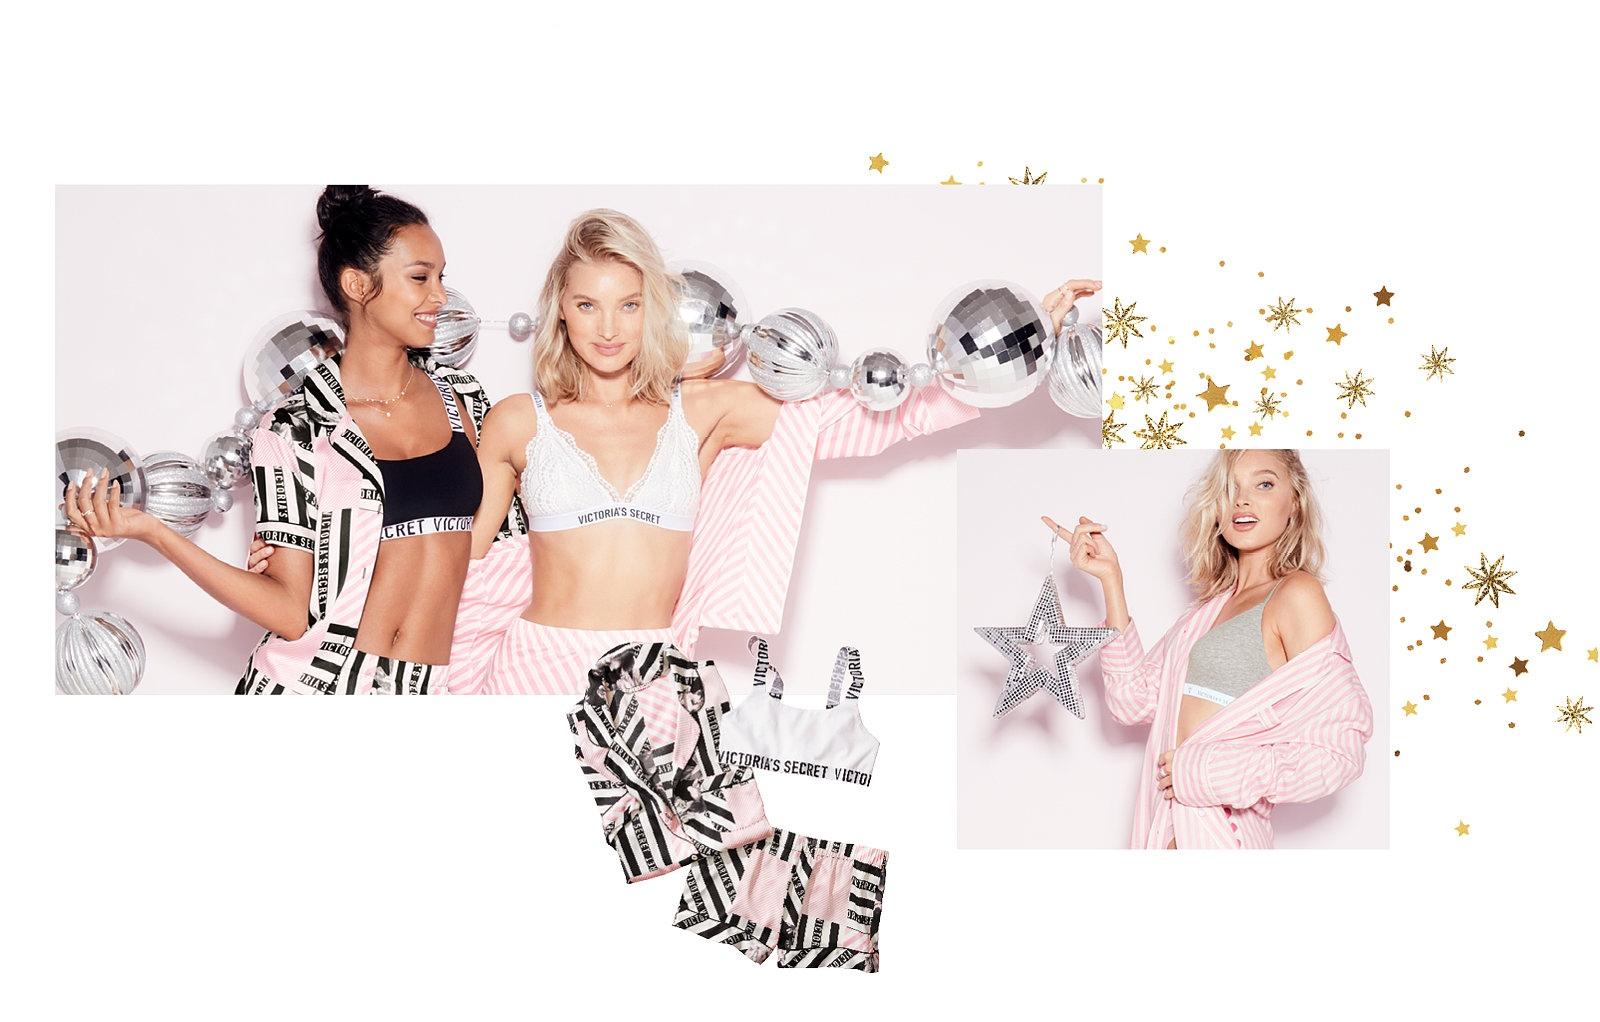 Victoria's Secret Instore Service Review